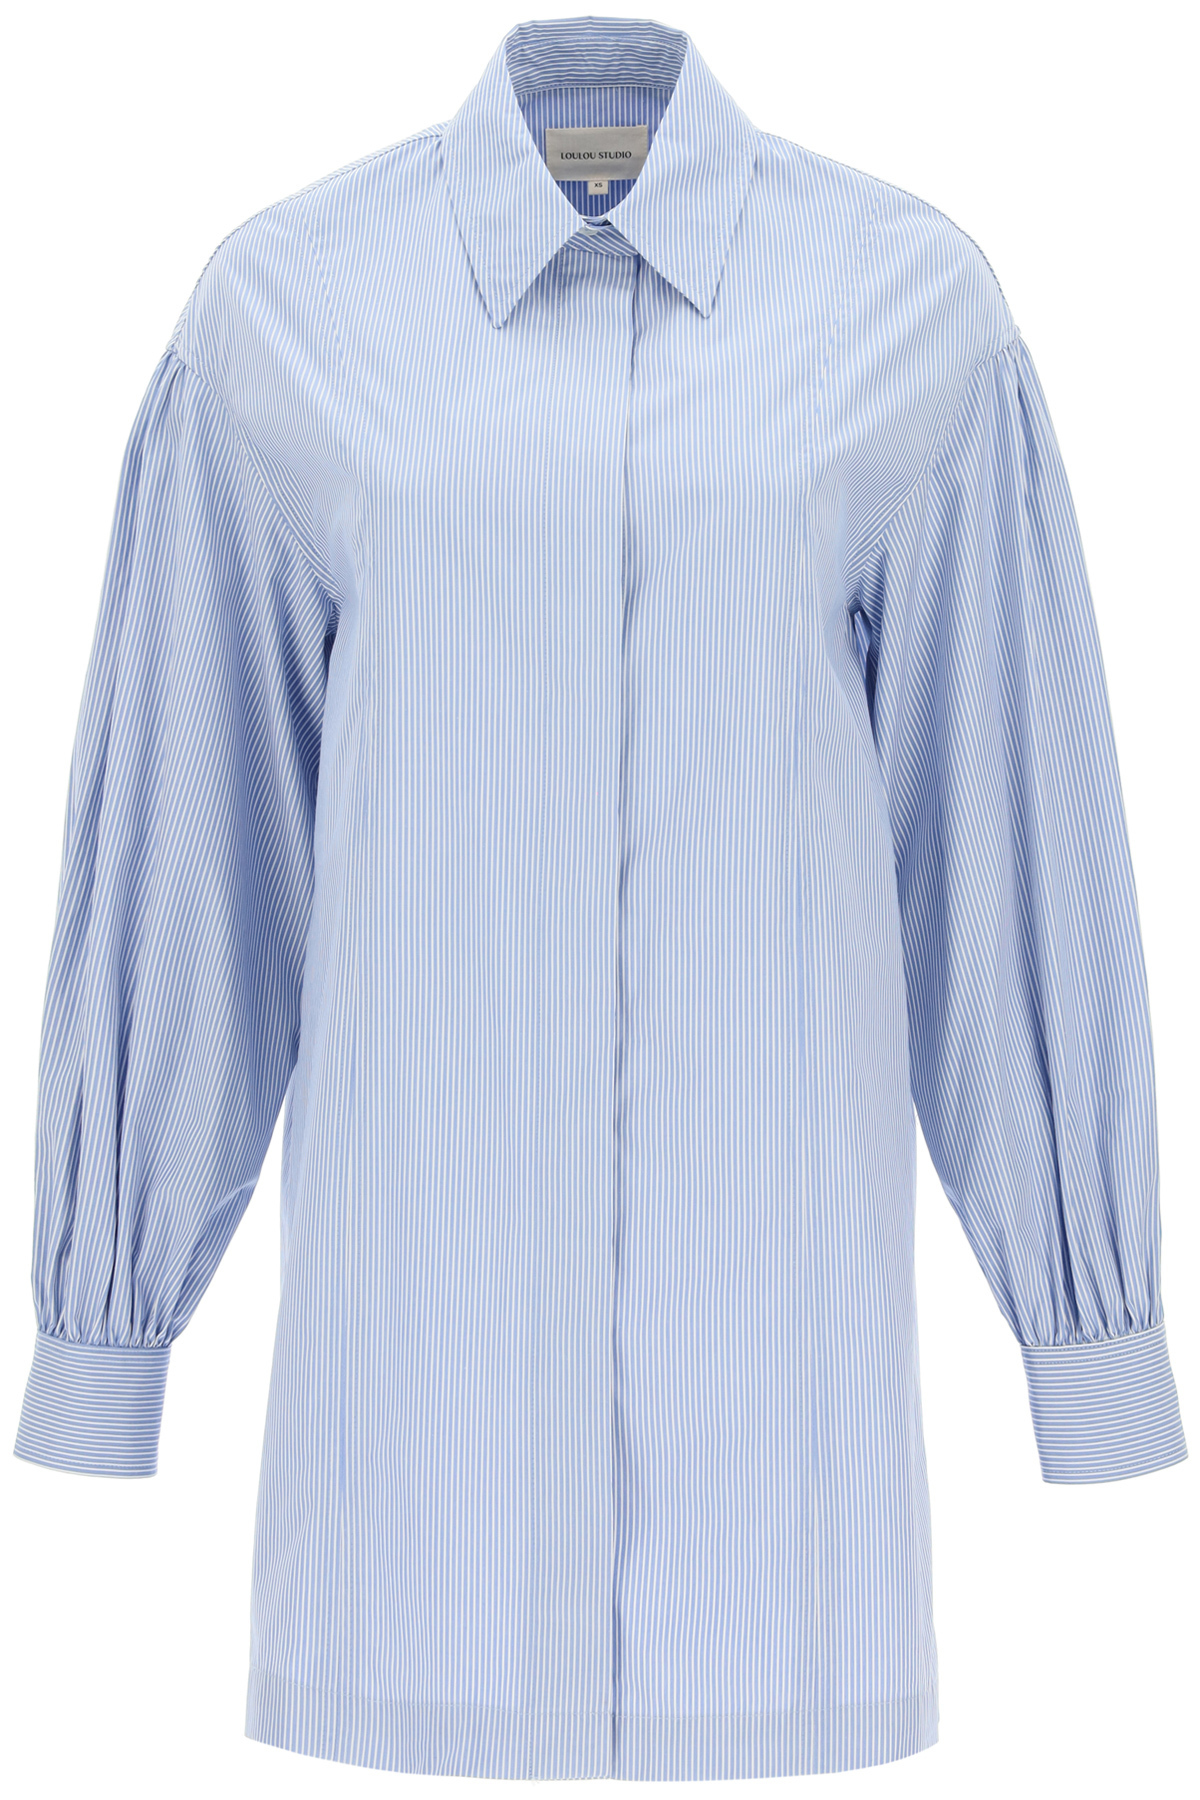 Loulou studio abito camicia zena a righe